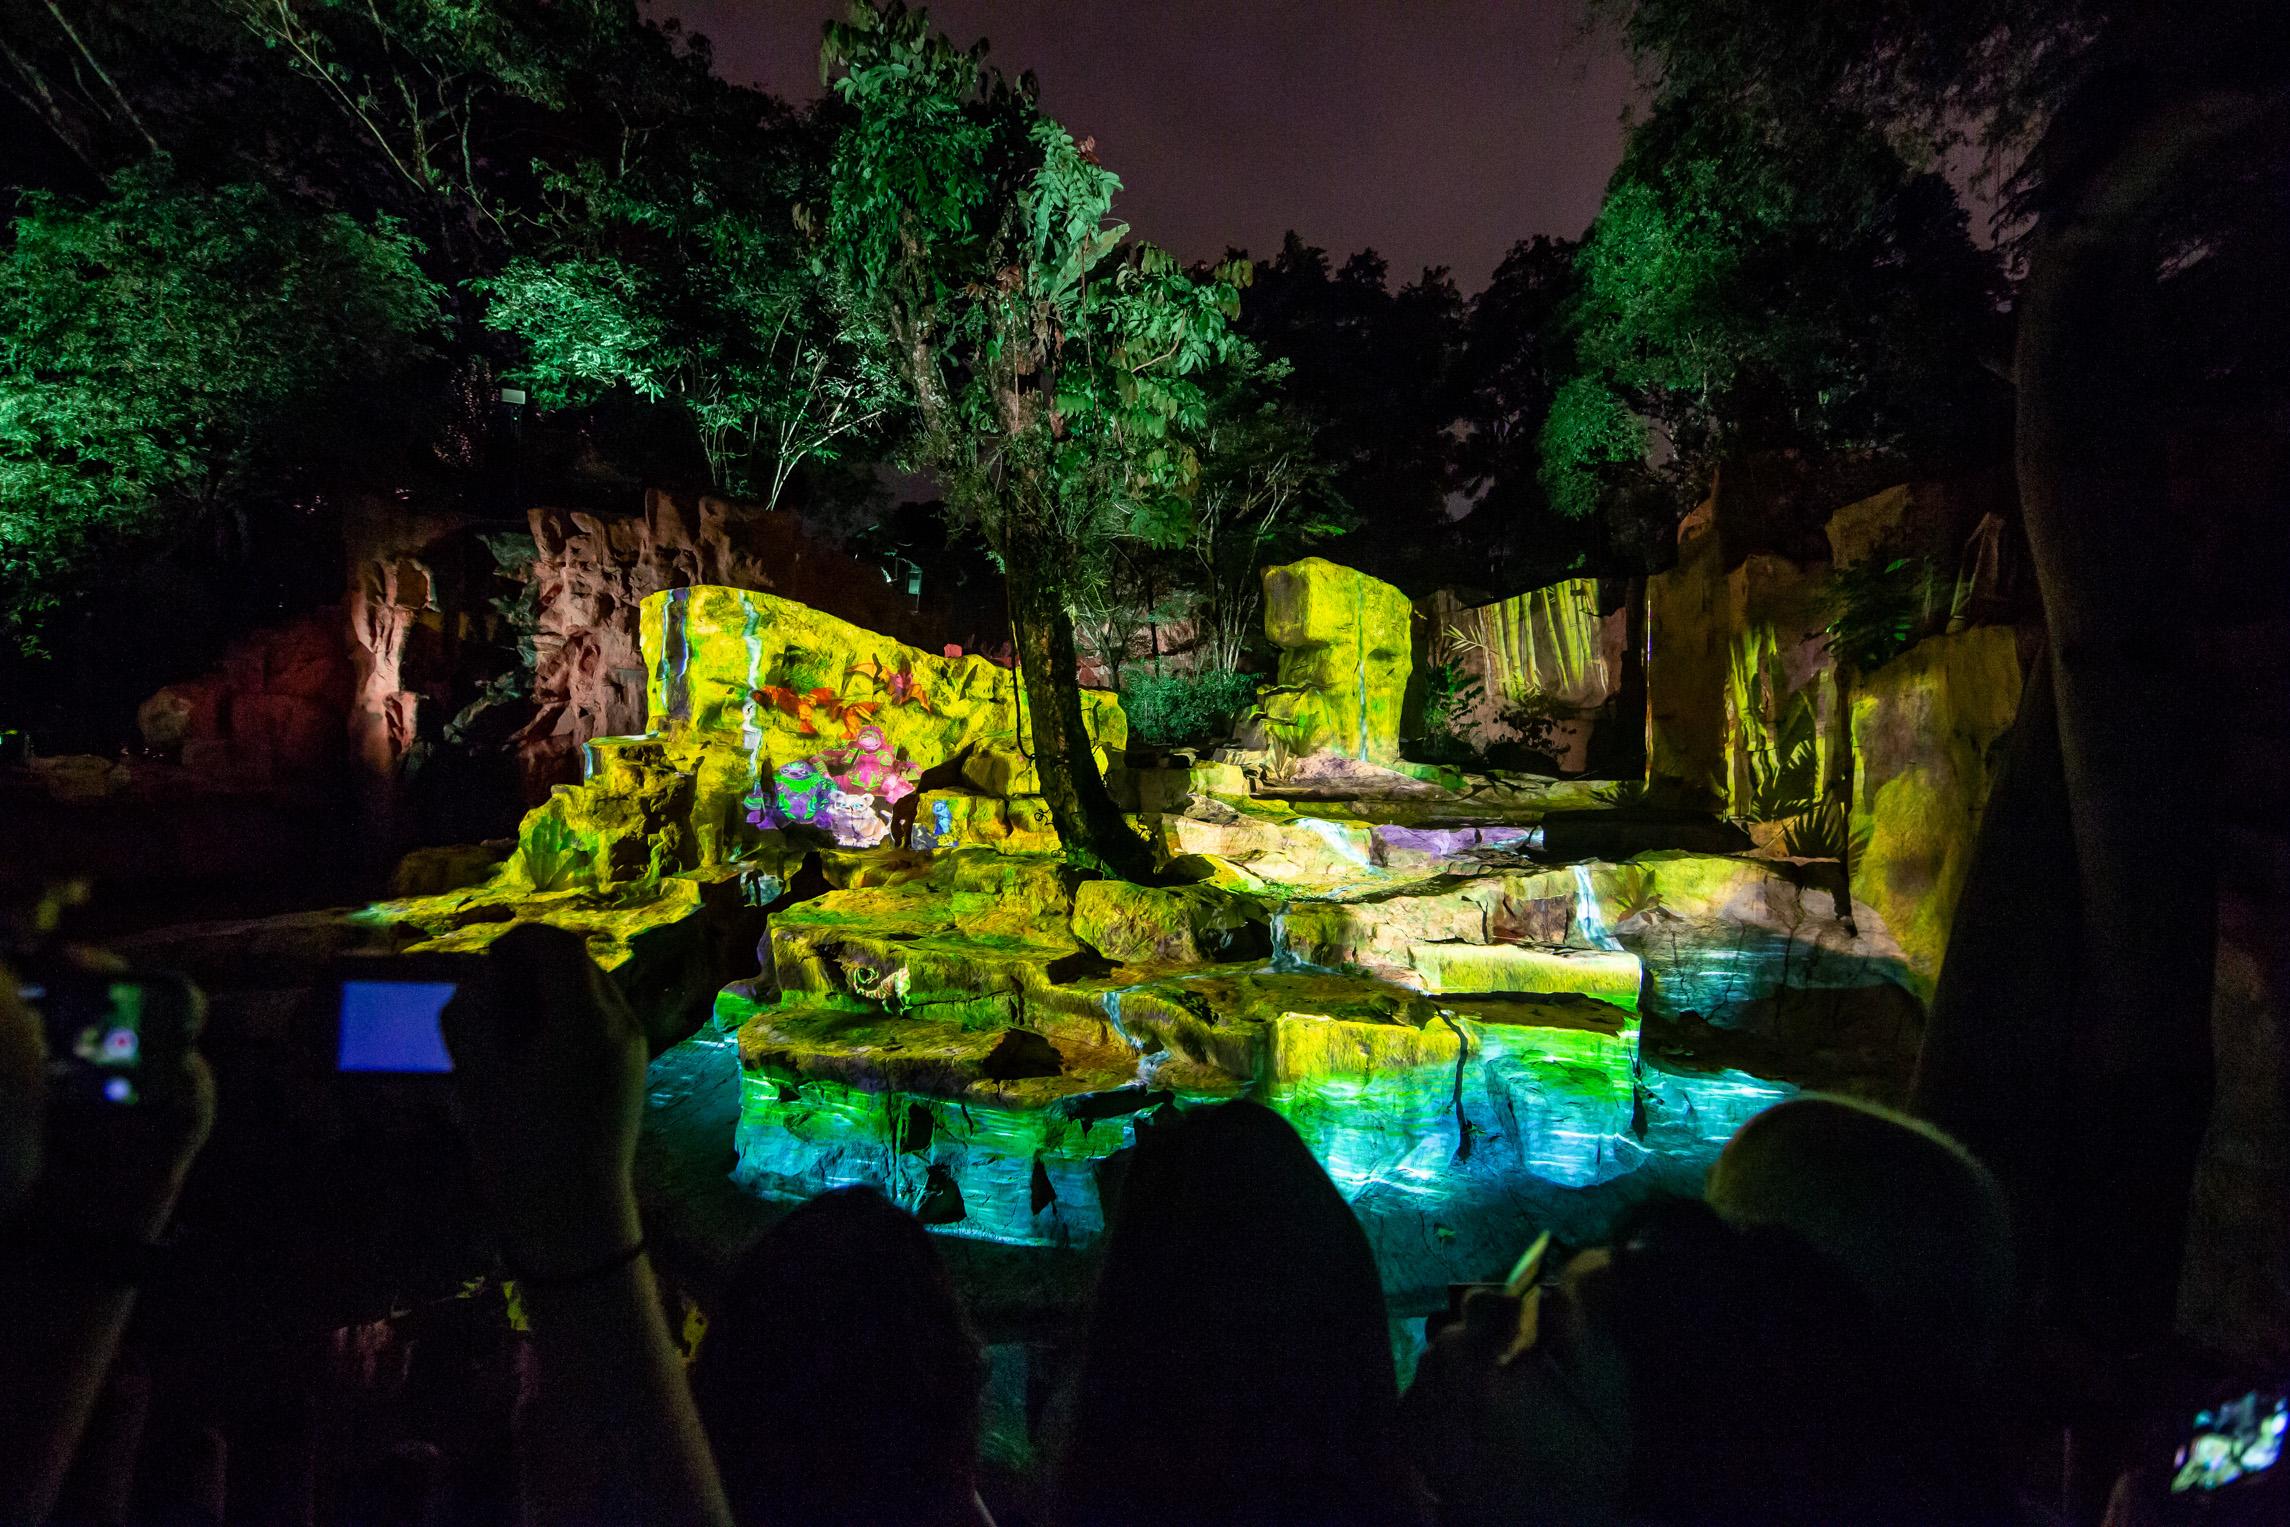 rainforest lumina  a multimedia night walk on the wild